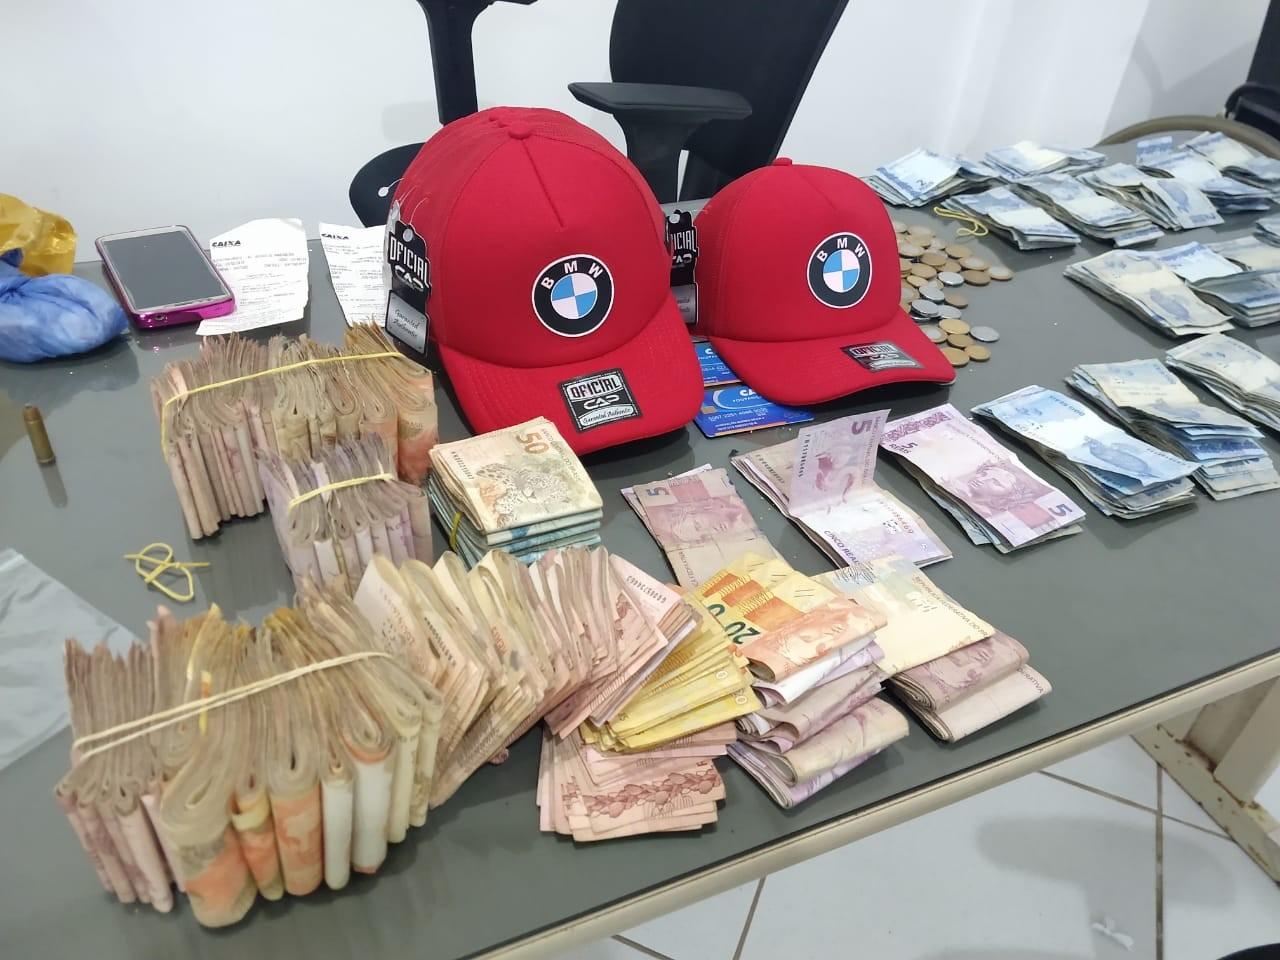 Mulher é presa suspeita de operar financeiramente 'laboratório' de cocaína na praia de Jacumã, na PB - Notícias - Plantão Diário